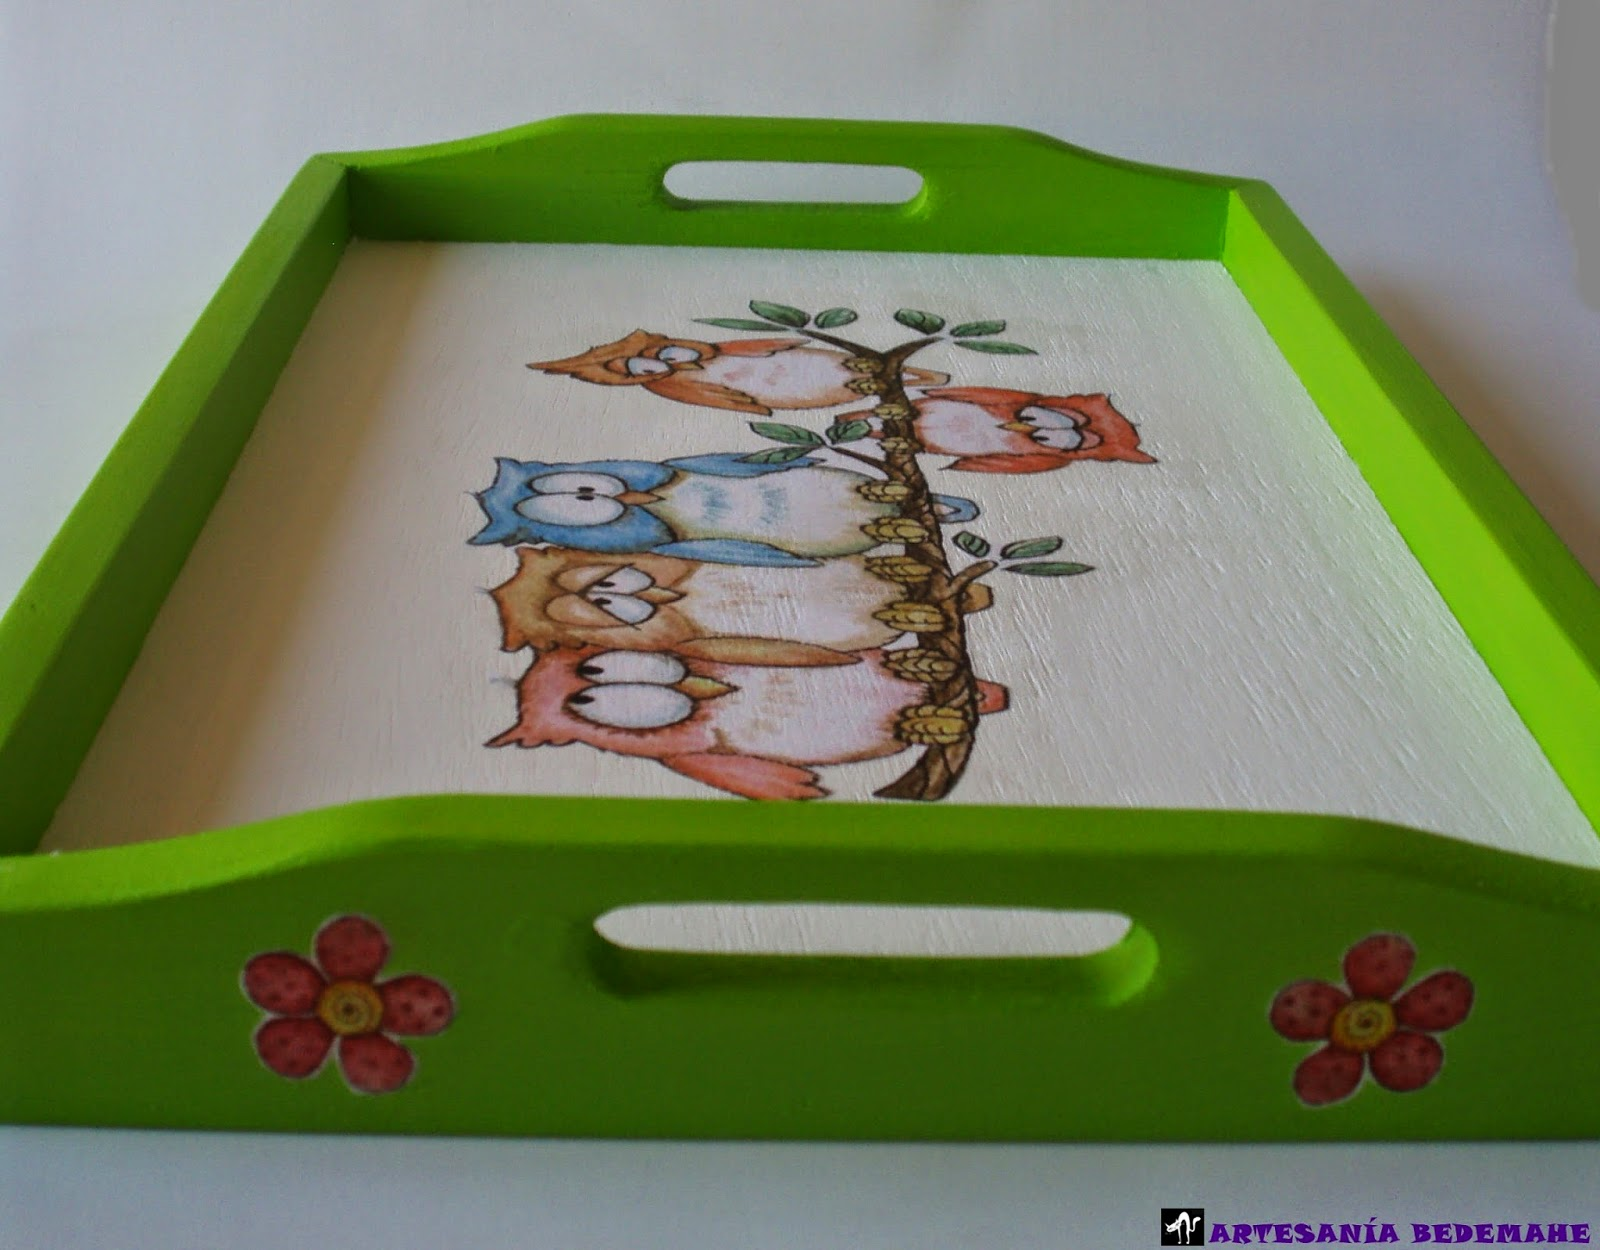 Artesania bedemahe bandeja de madera b hos for Bandejas de madera decoradas